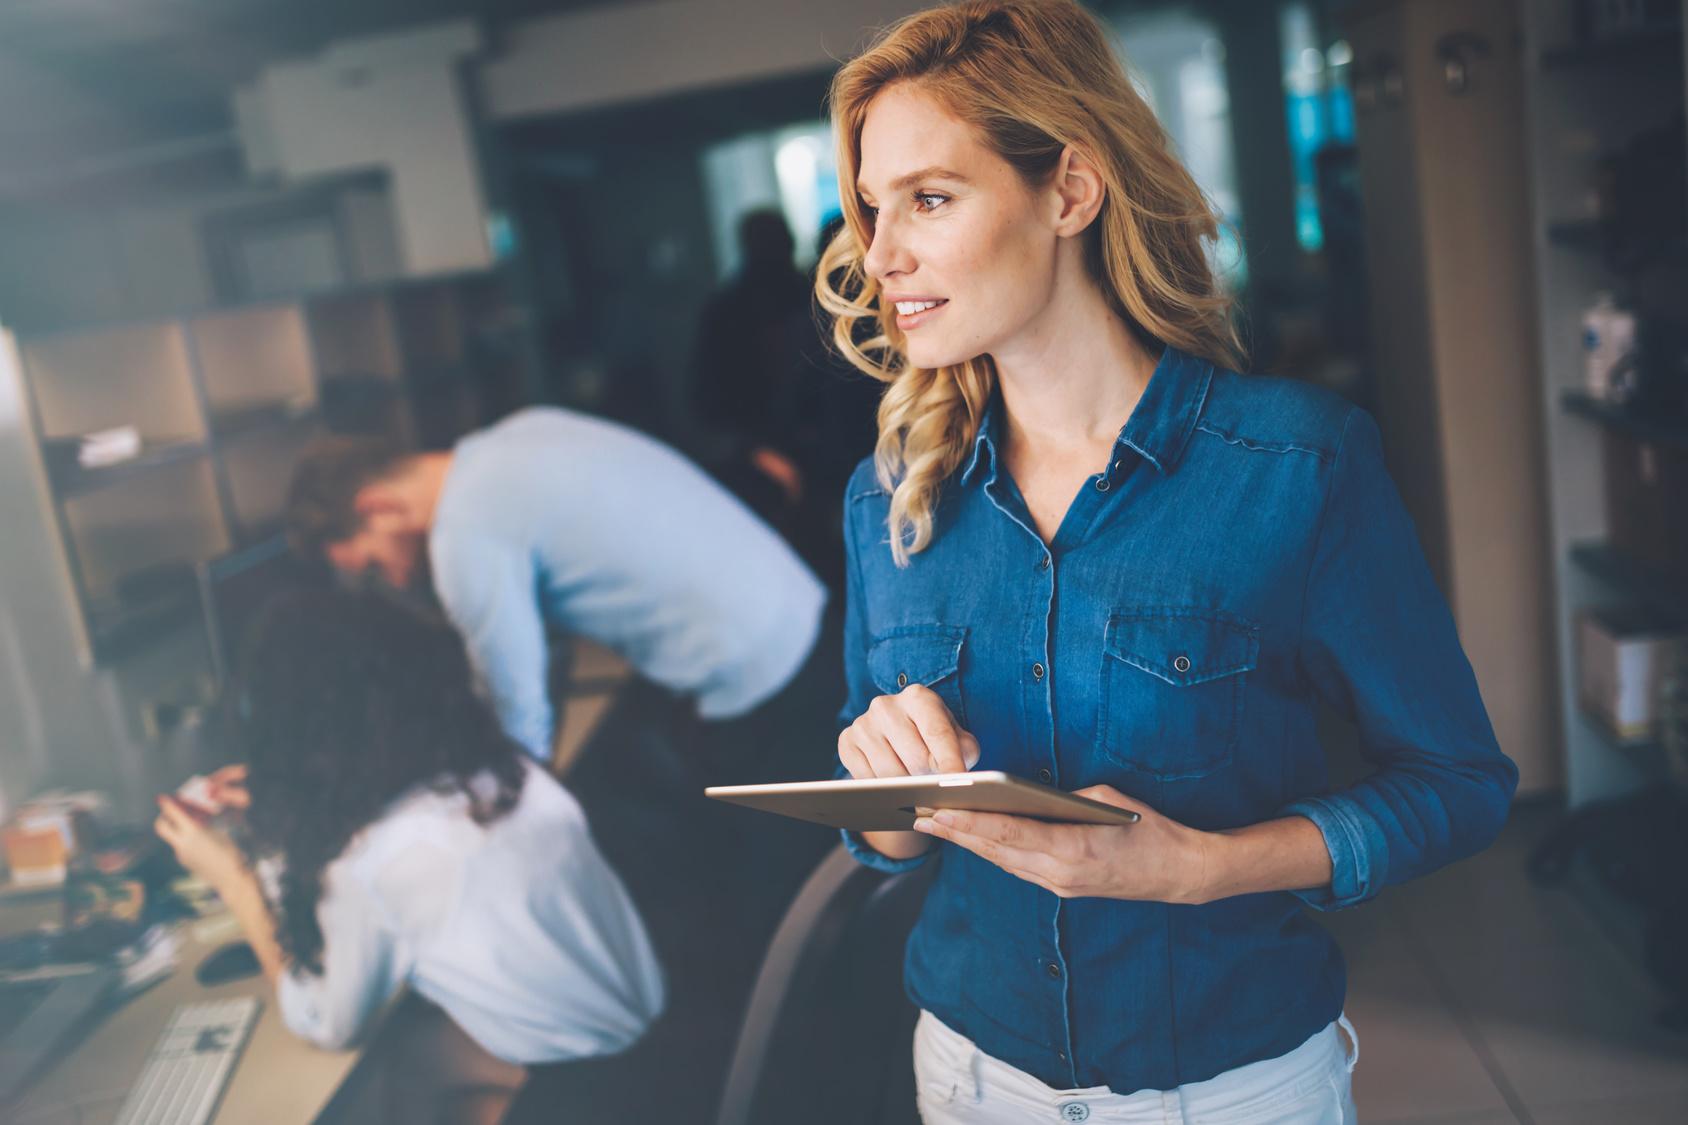 Agencja pracy – pośrednik zatrudnienia